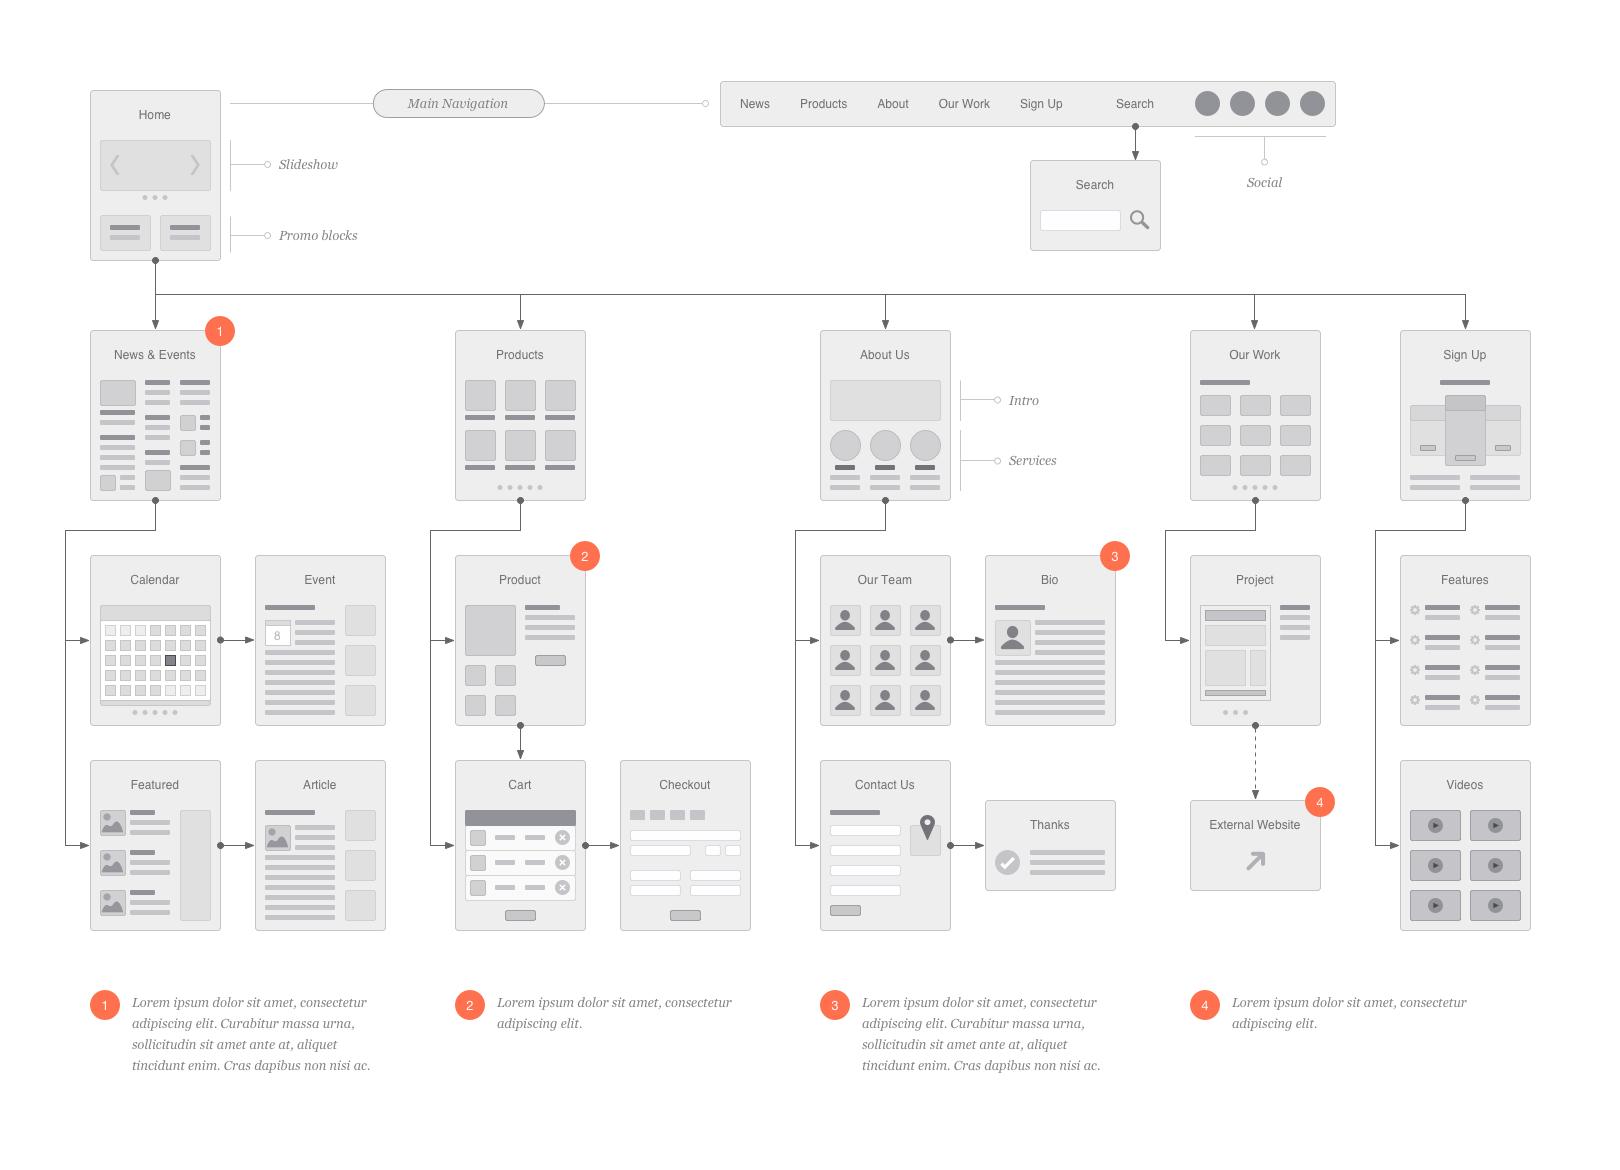 Emd flowcharts example ux design inspiratie pinterest emd flowcharts example nvjuhfo Choice Image